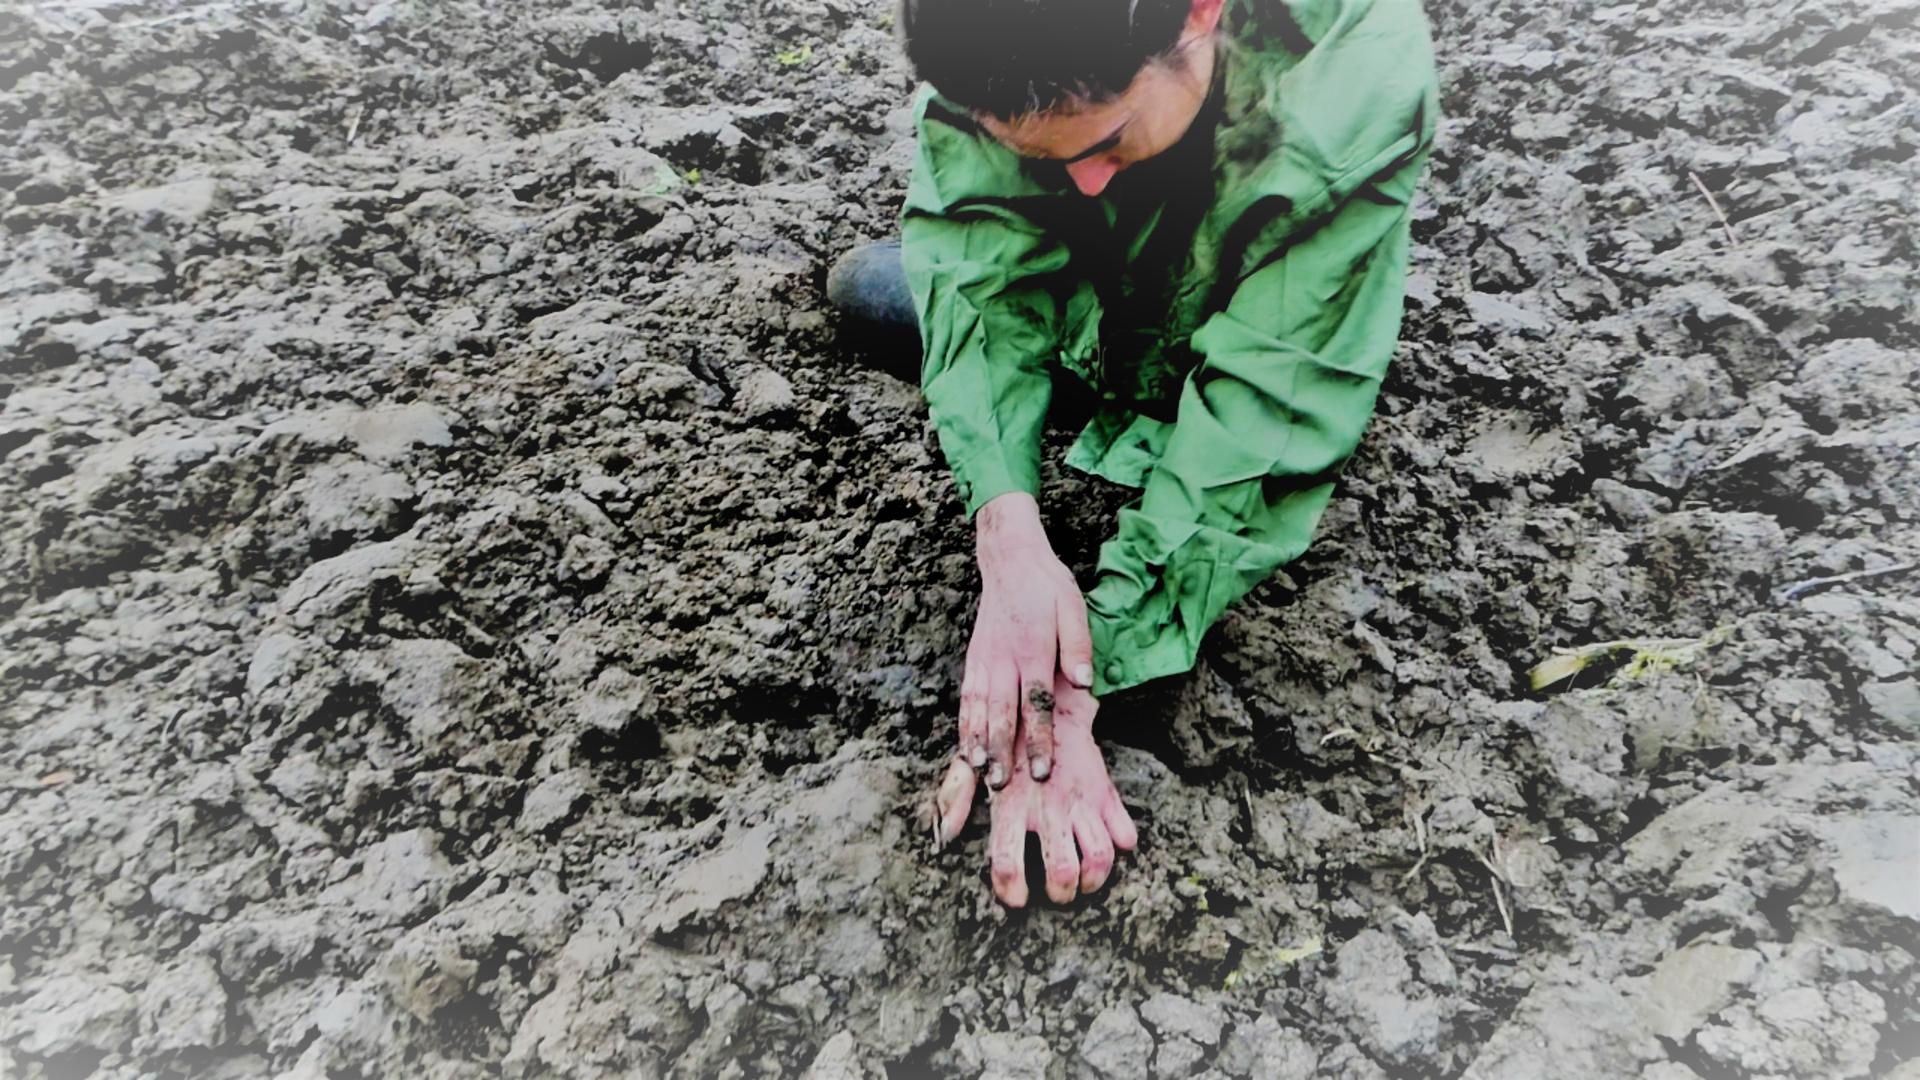 Miriam Markl erkundet die Welt um sich herum mit ihren Fingerspitzen